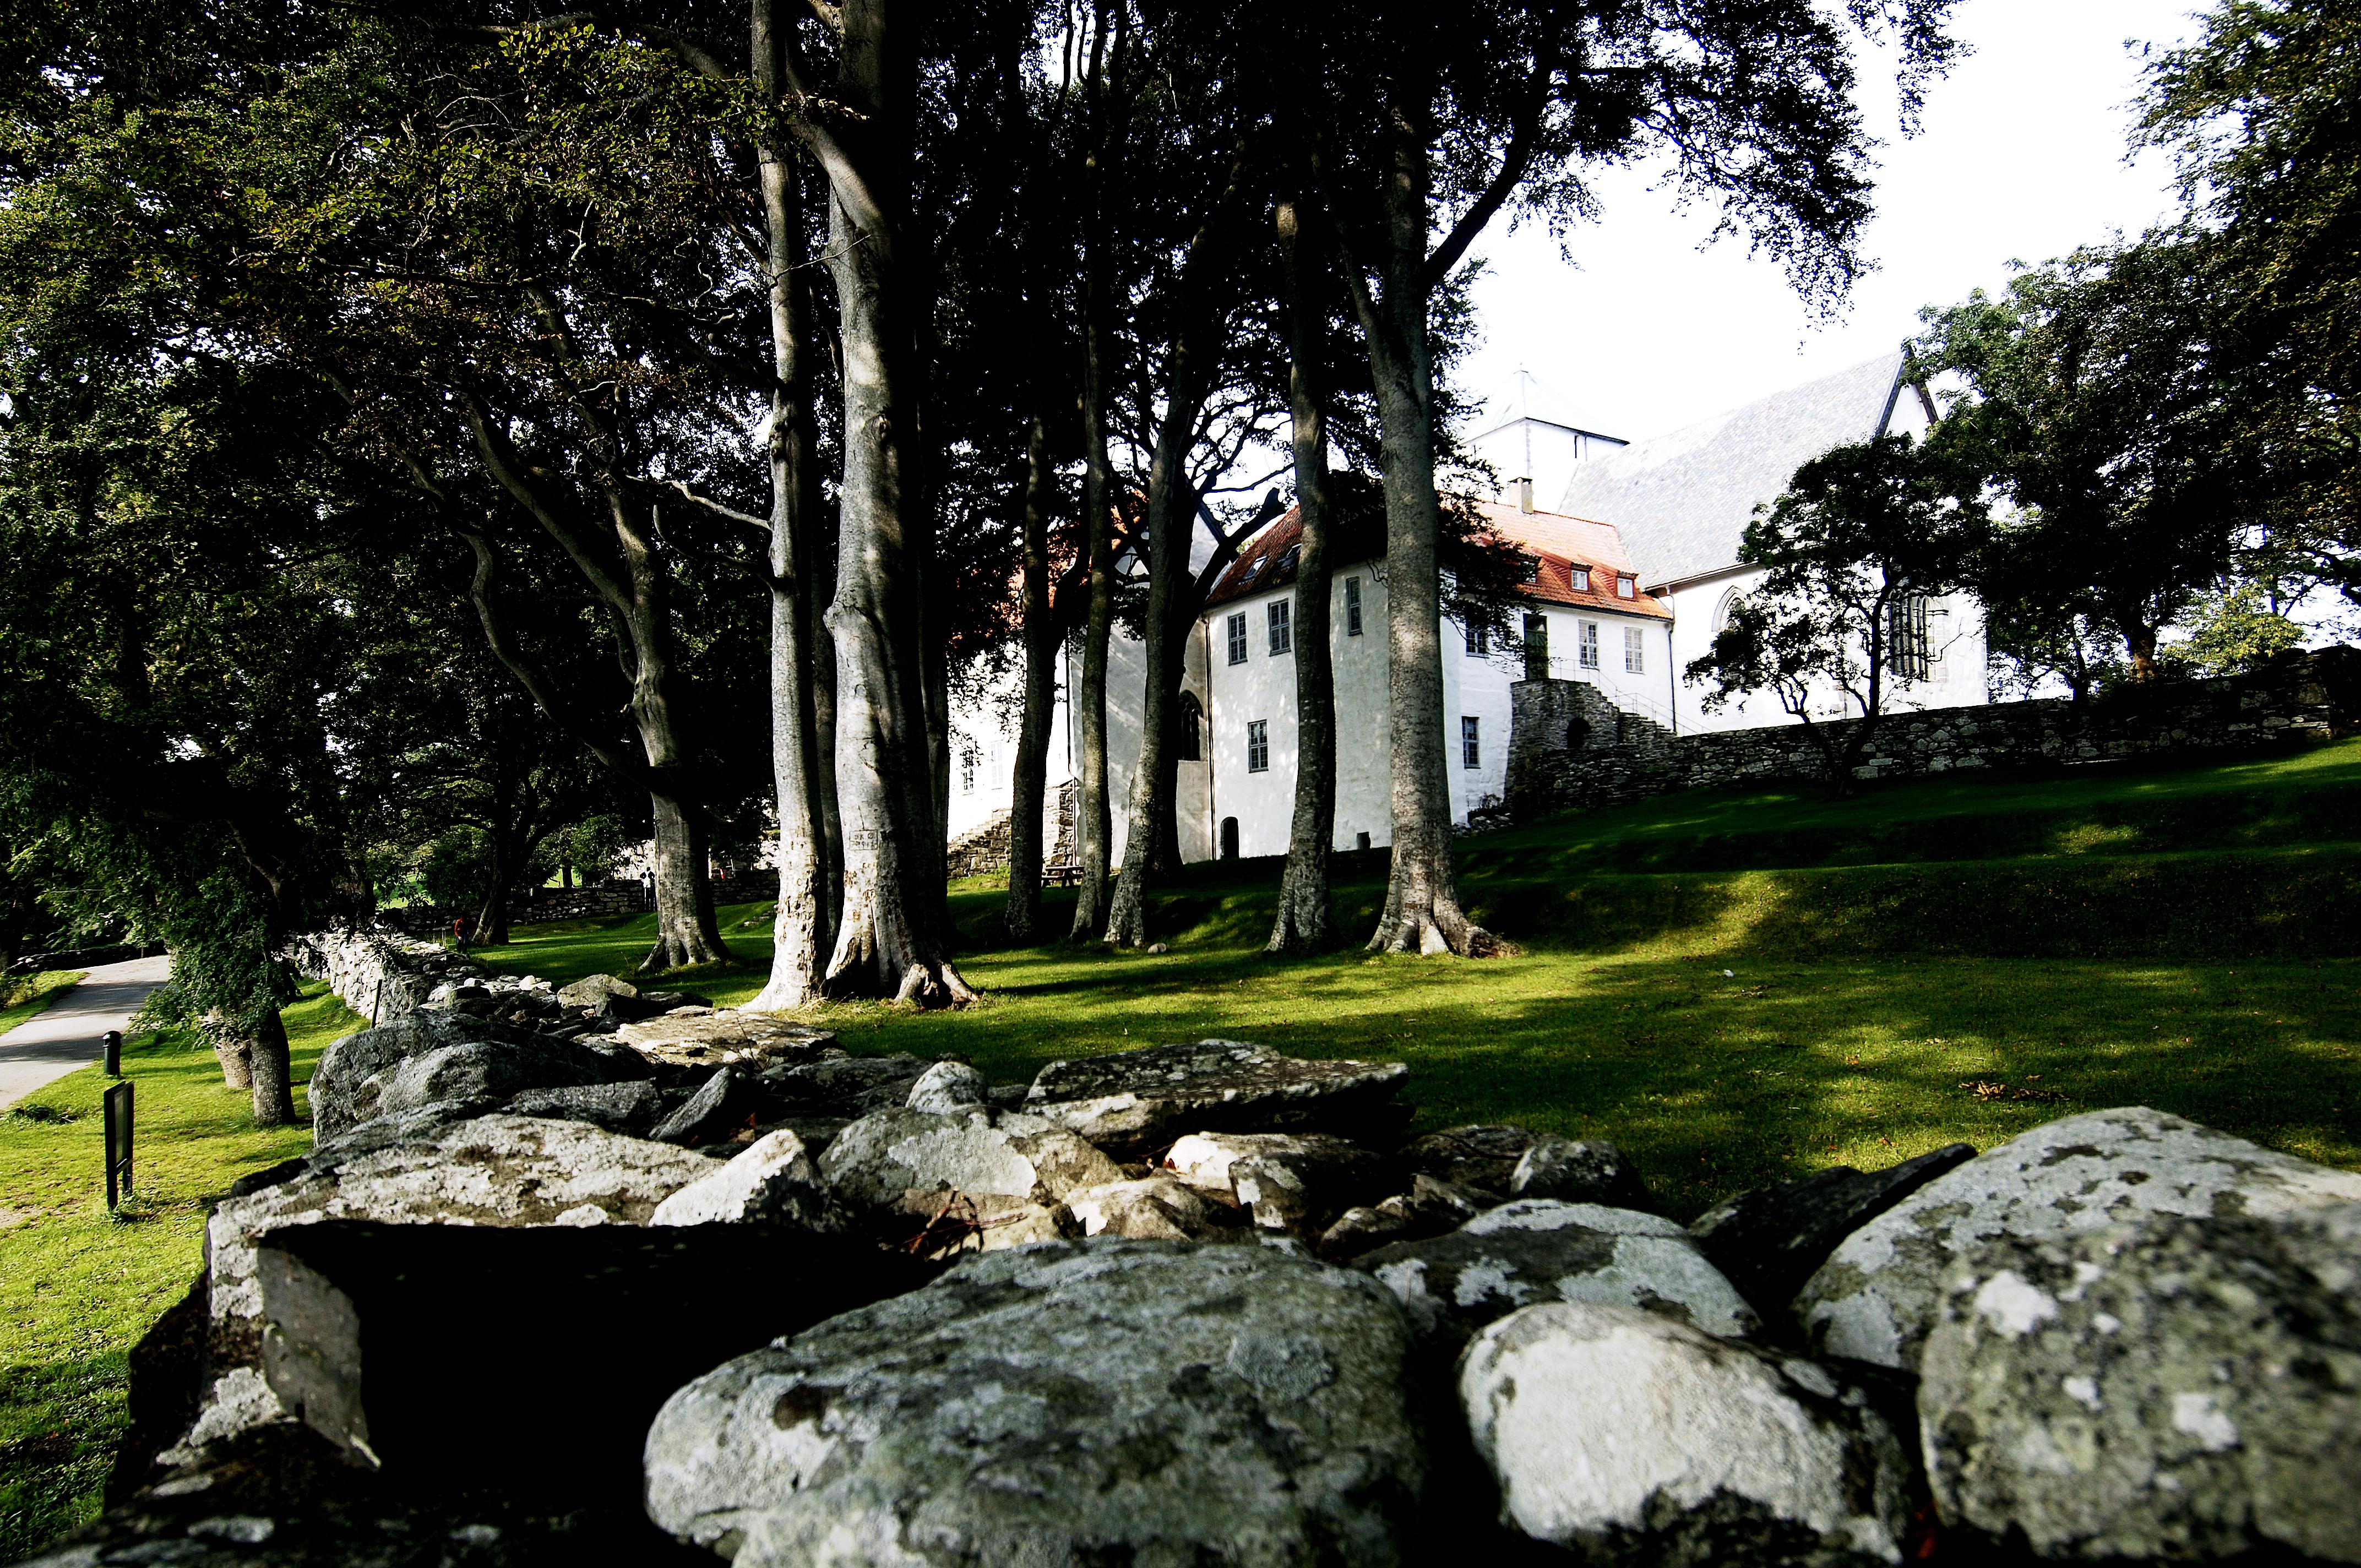 Utstein Kloster på Klosterøy like ved Klostergarden. Fotograf: Anne Lise Norheim